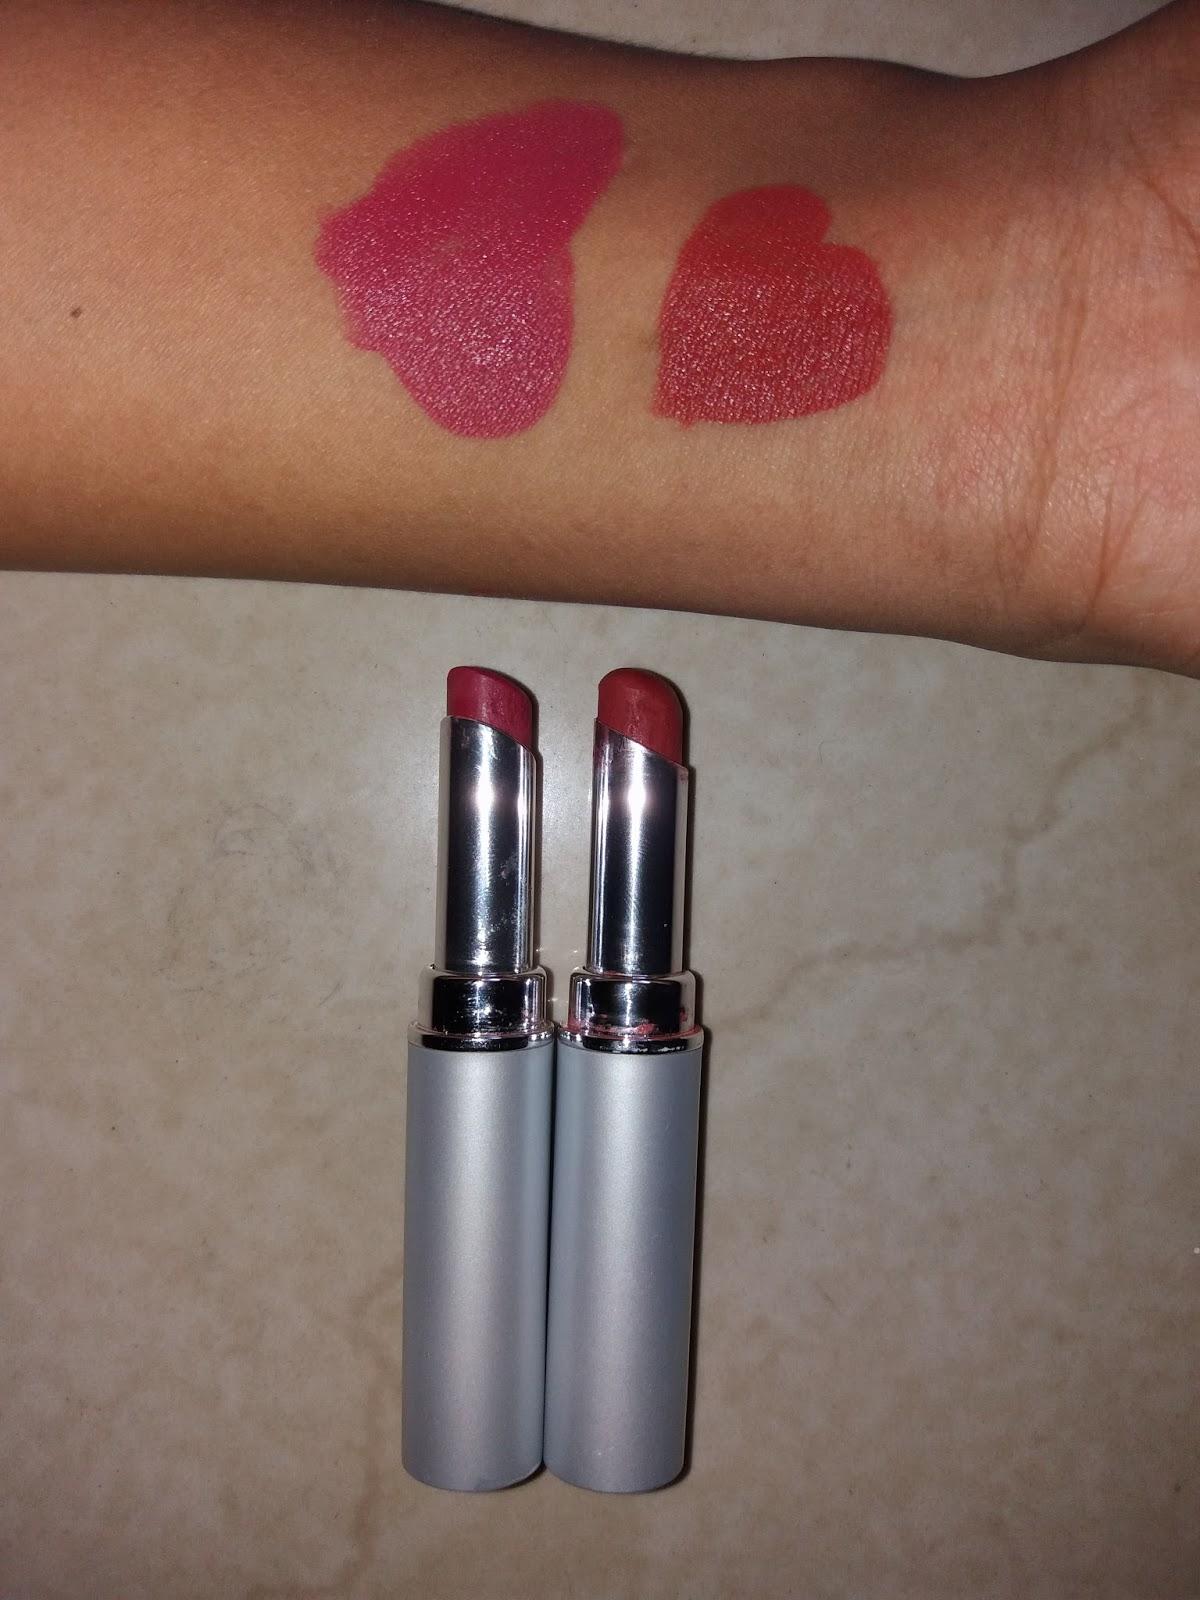 Review Lipstick Wardah Intense Matte Dan Longlasting No 10 All Lipstik Selanjutnya Aku Mau Swatch Di Tangan Kedua Nya Dari Kanan Ke Kiri Stylish Mocca Lalu Miss